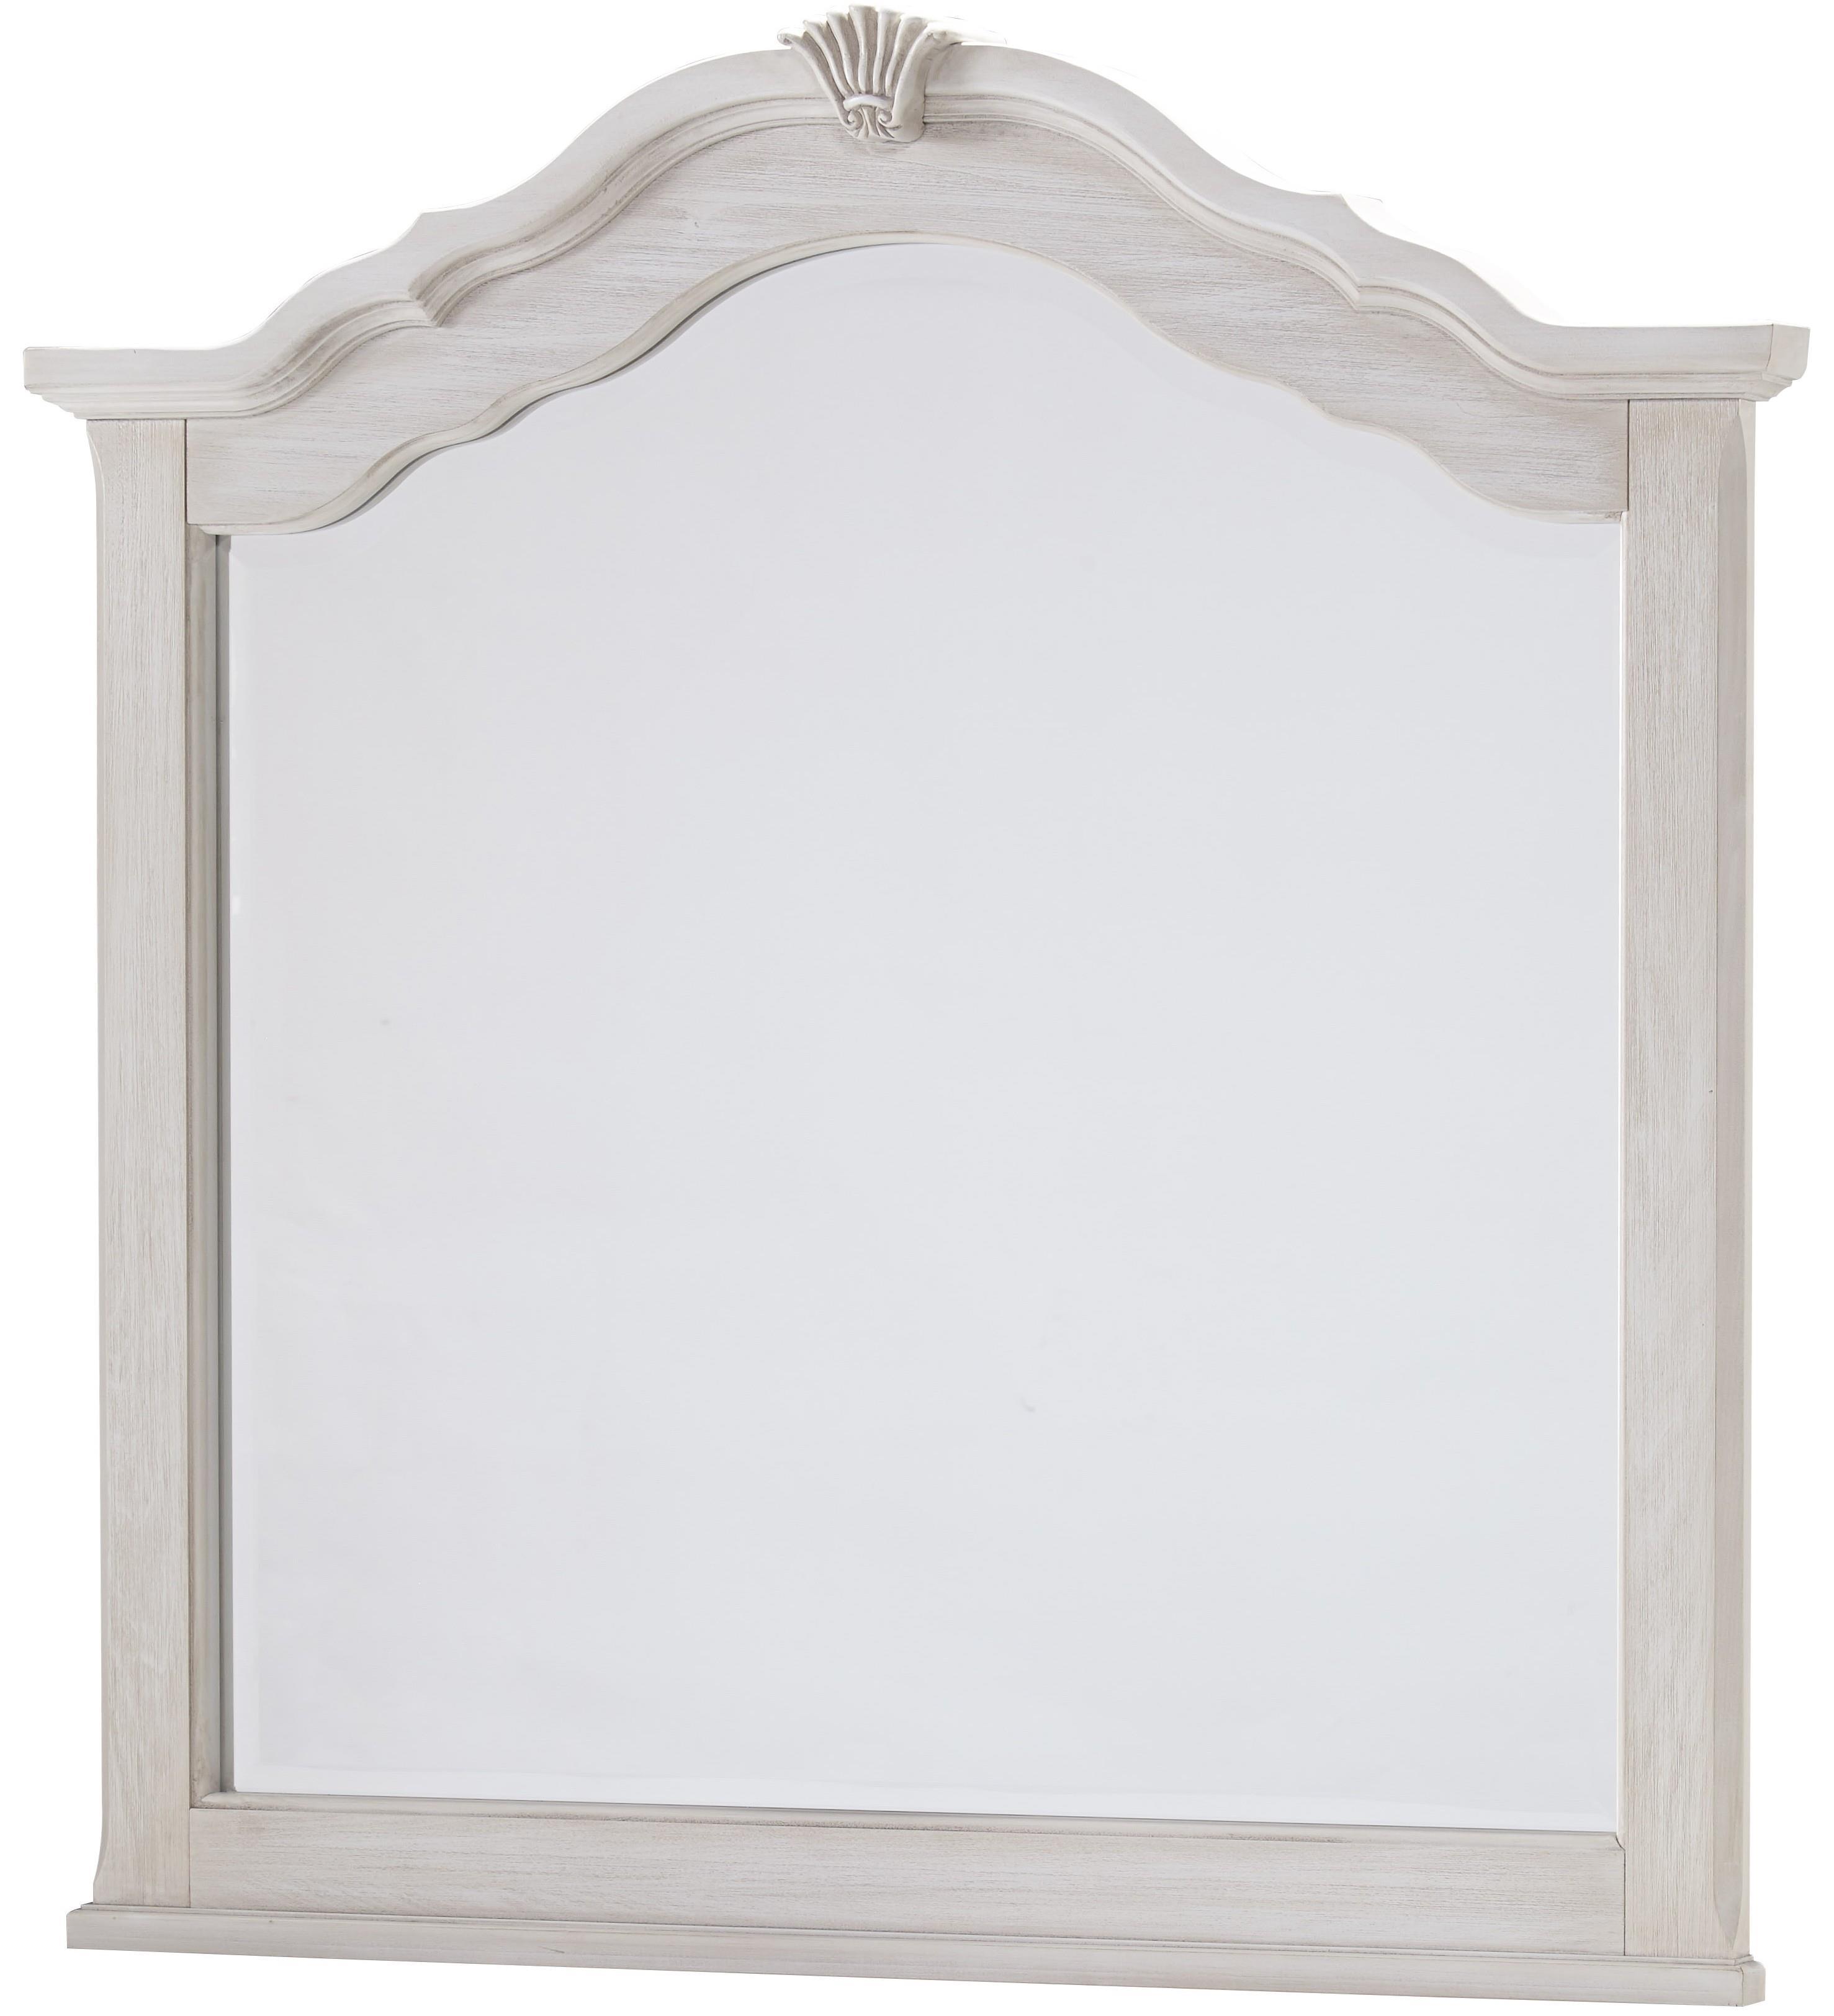 Vaughan Bassett Villa Sophia Shelter Mirror - Item Number: 524-447